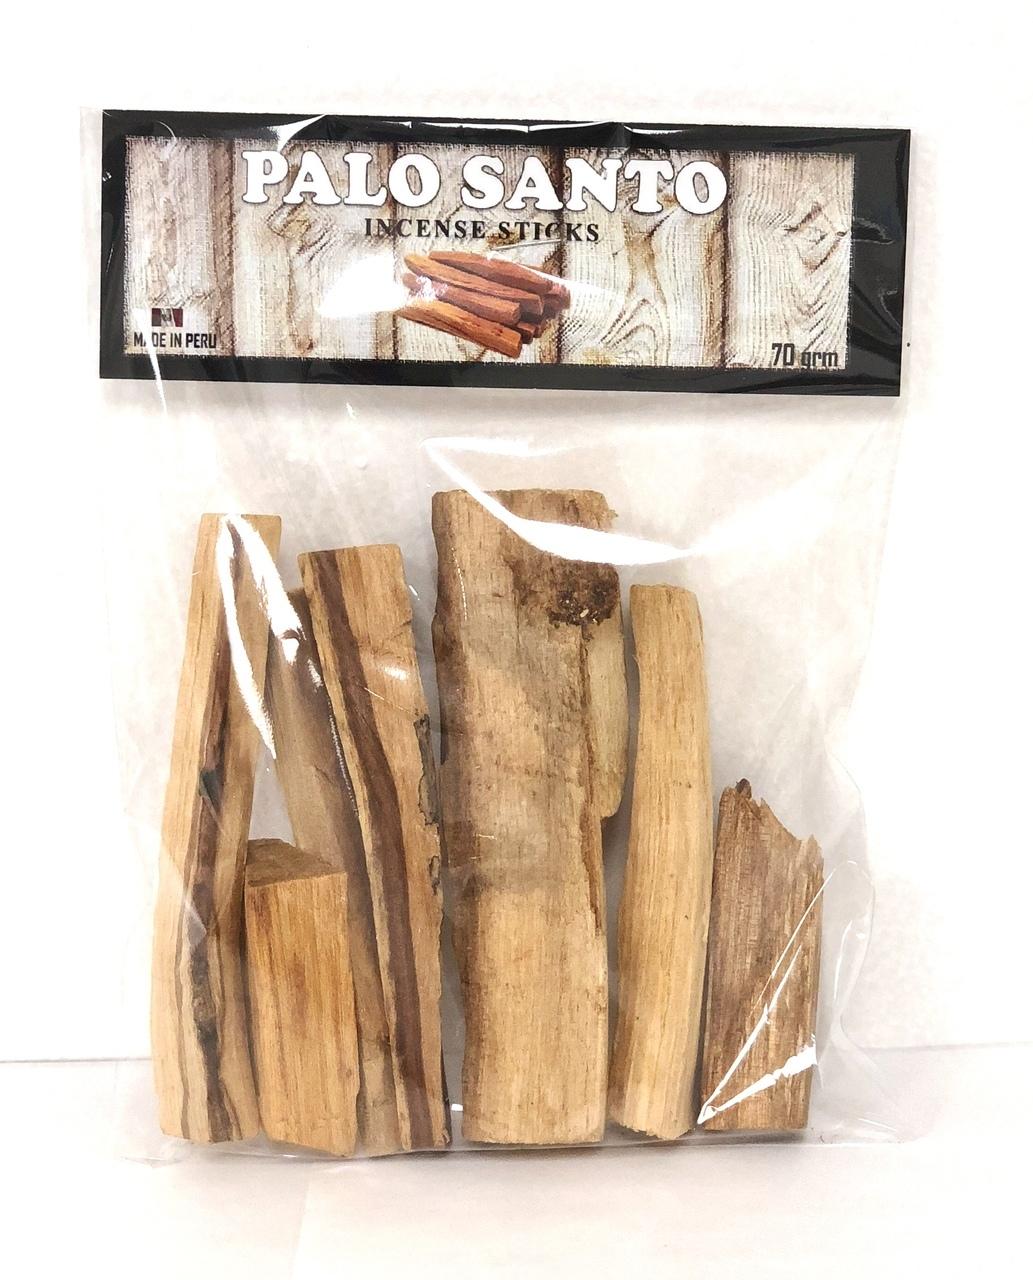 Palo Santo Wood Stick (Peru) 70 grams $12.99